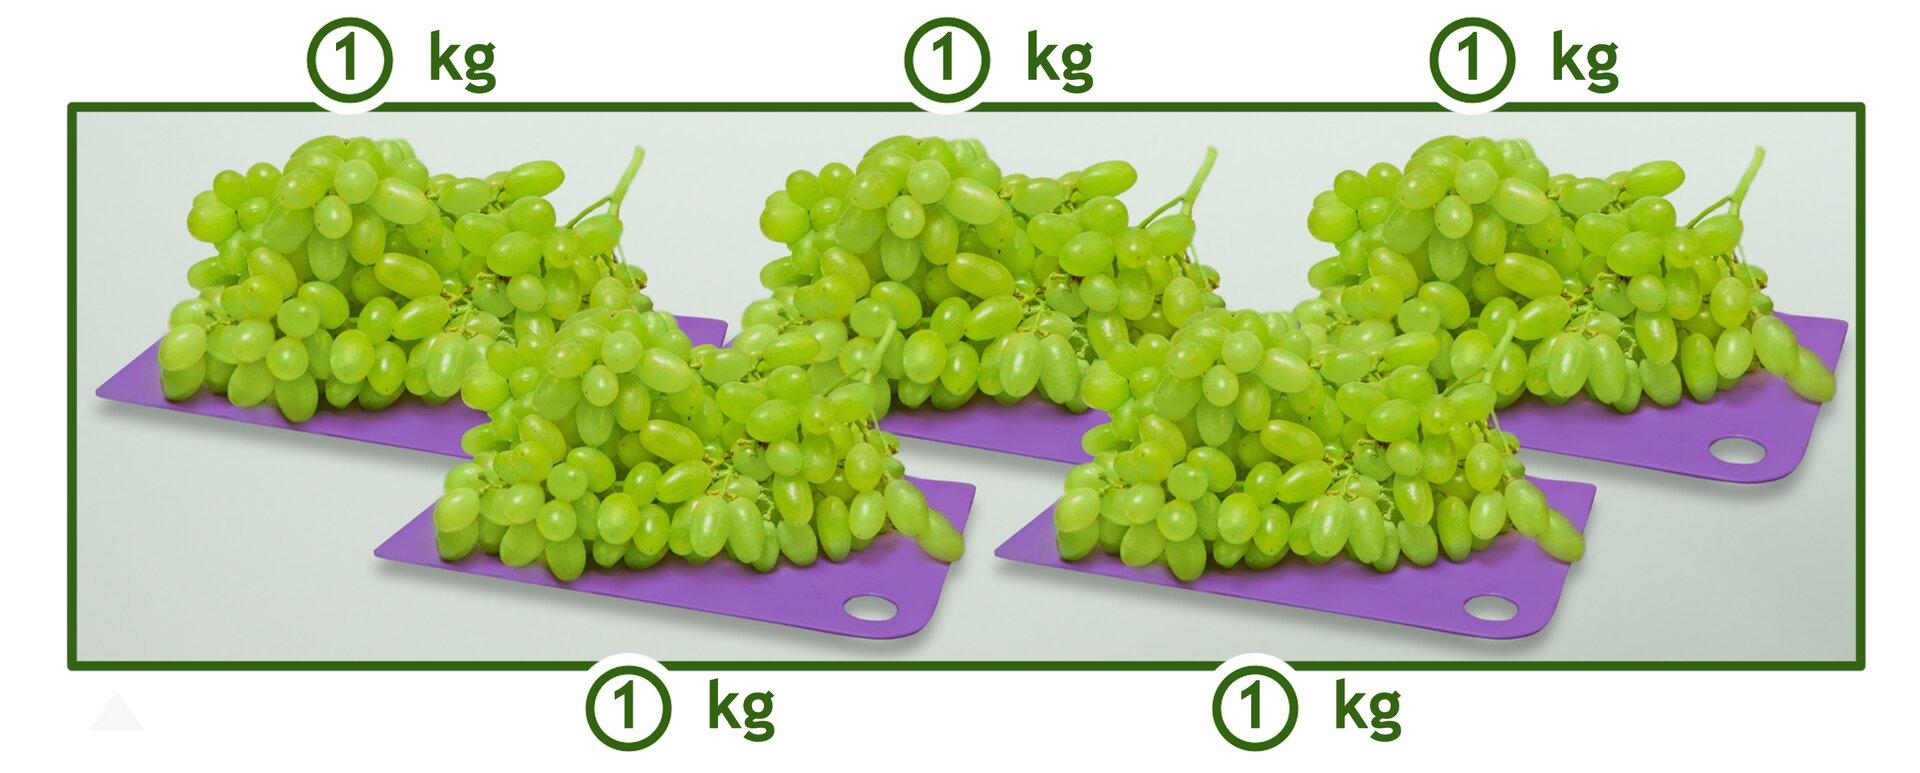 Rysunek pięciu tacek winogron. Na każdej leży 1 kilogram. Cena winogron 2 euro za 1 kilogram. Ile zapłacimy za 5 kg winogron?